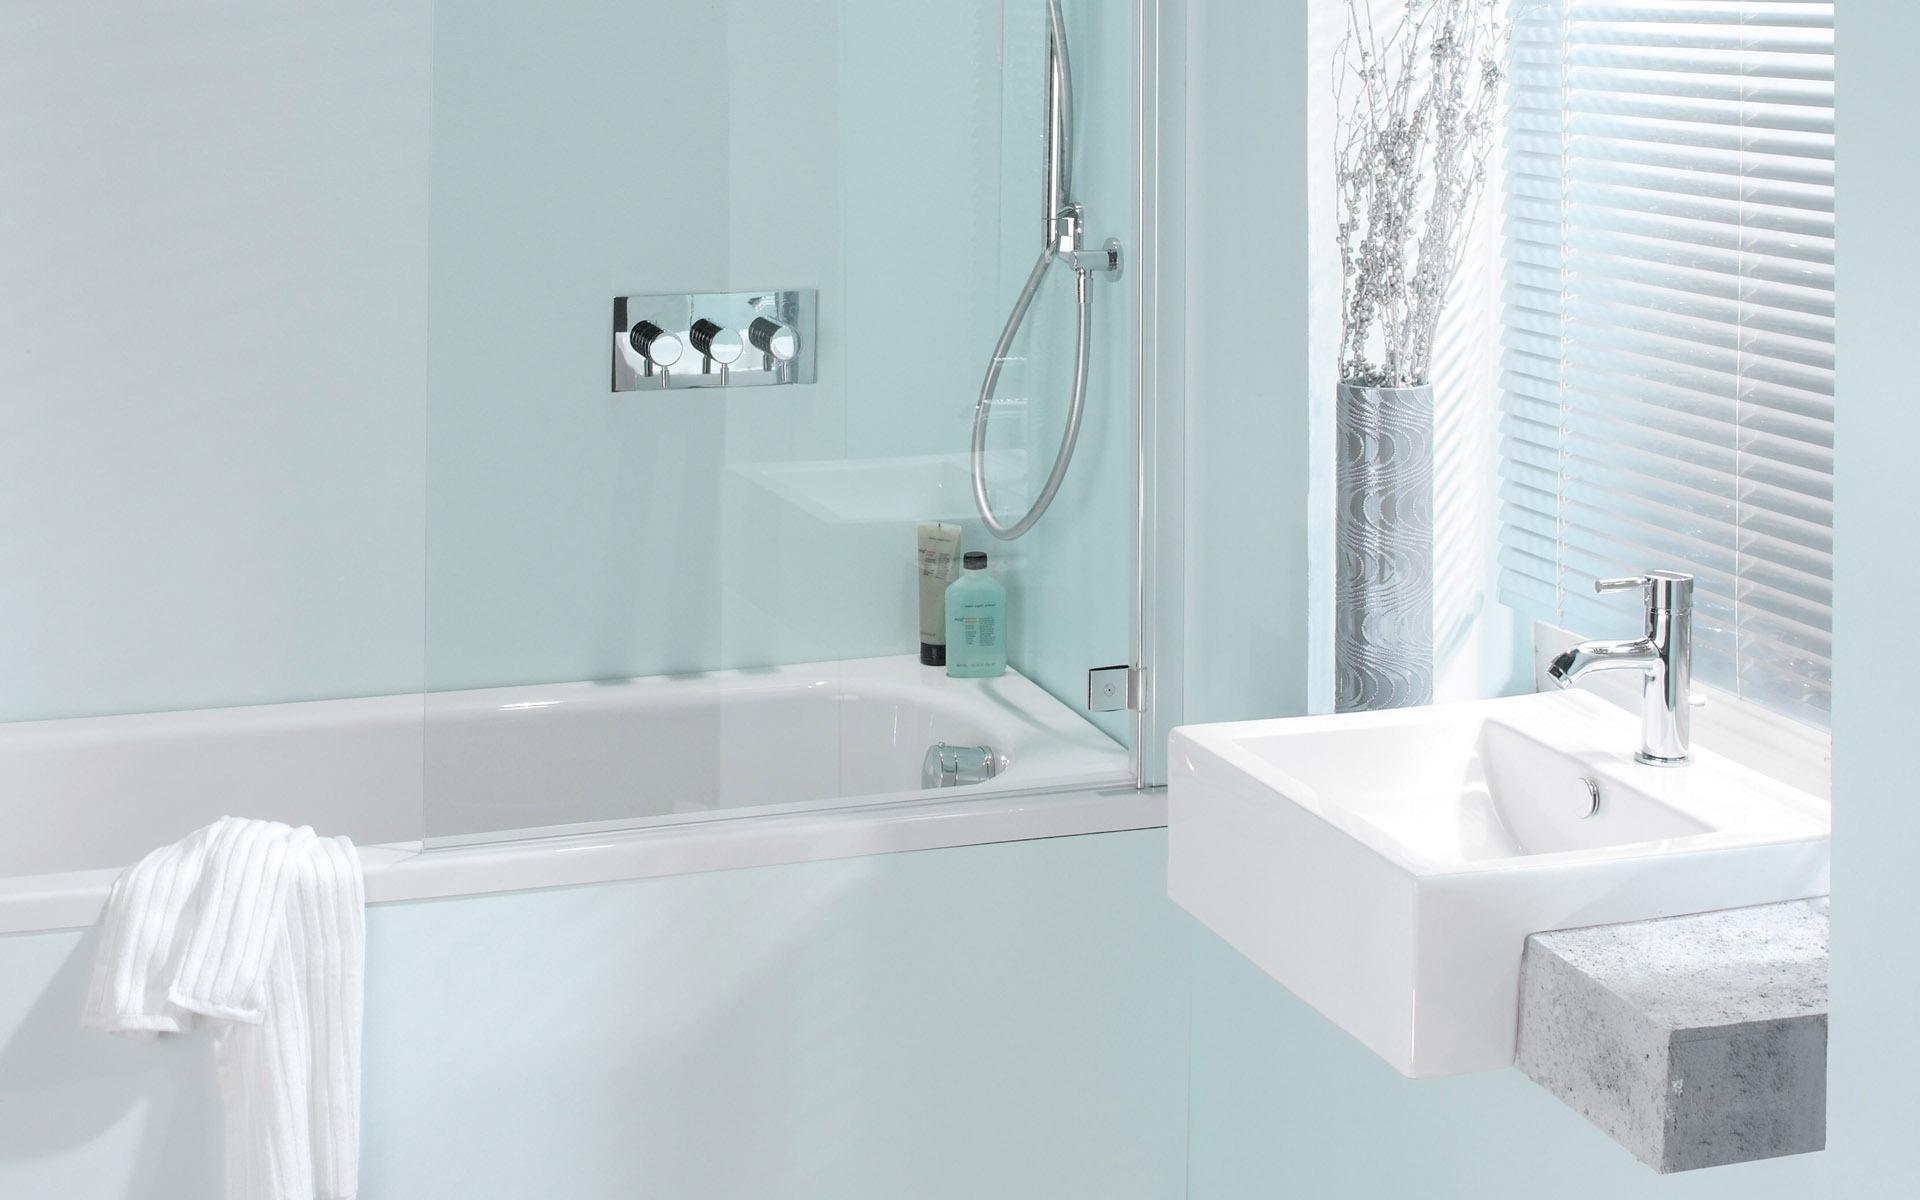 fond d 39 cran photo salle de bain 2 4 1920x1200 fond d 39 cran t l charger fond d 39 cran. Black Bedroom Furniture Sets. Home Design Ideas